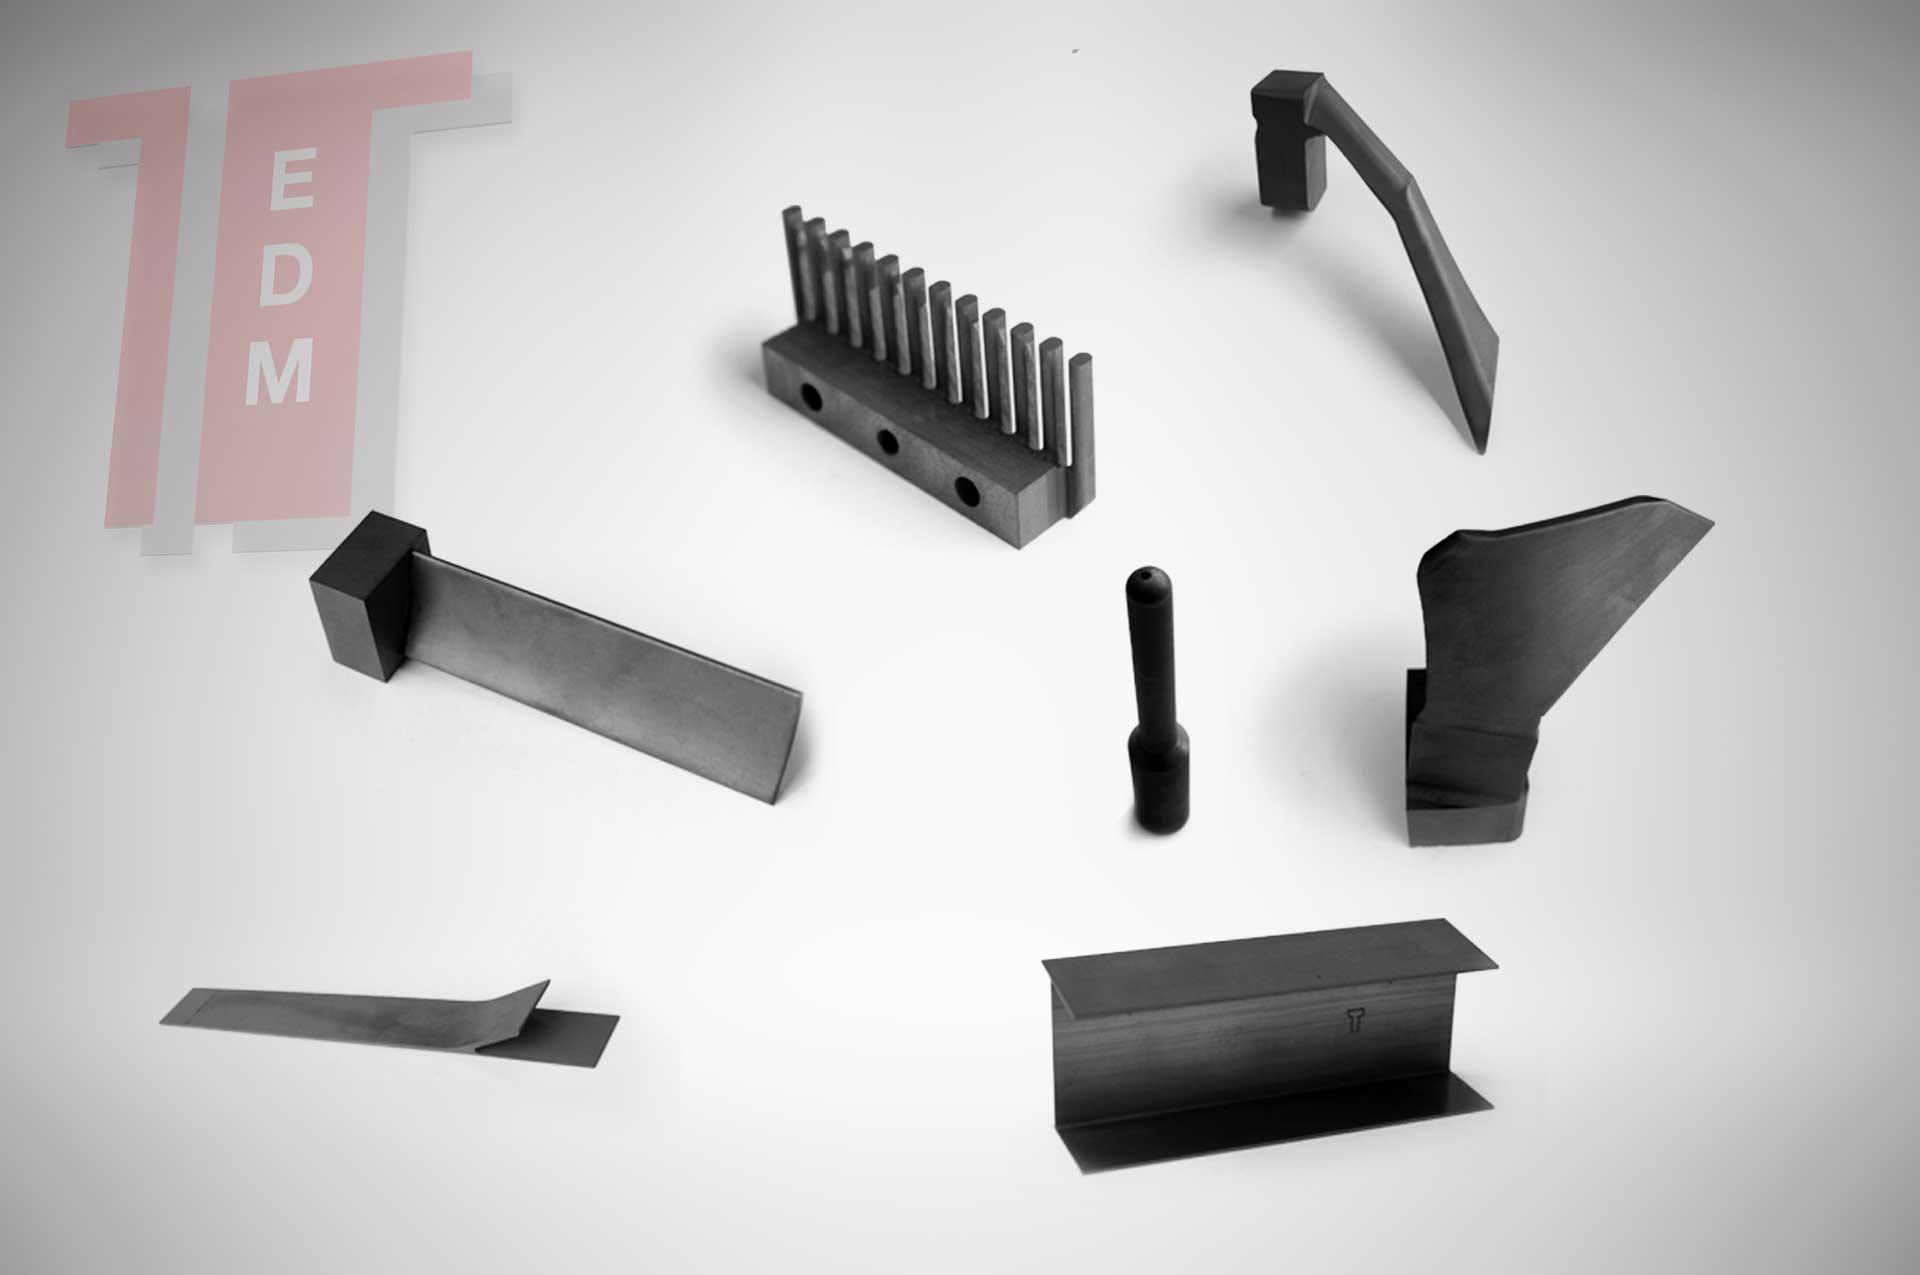 elettrodi in grafite elettrodi grafite set elettrodi